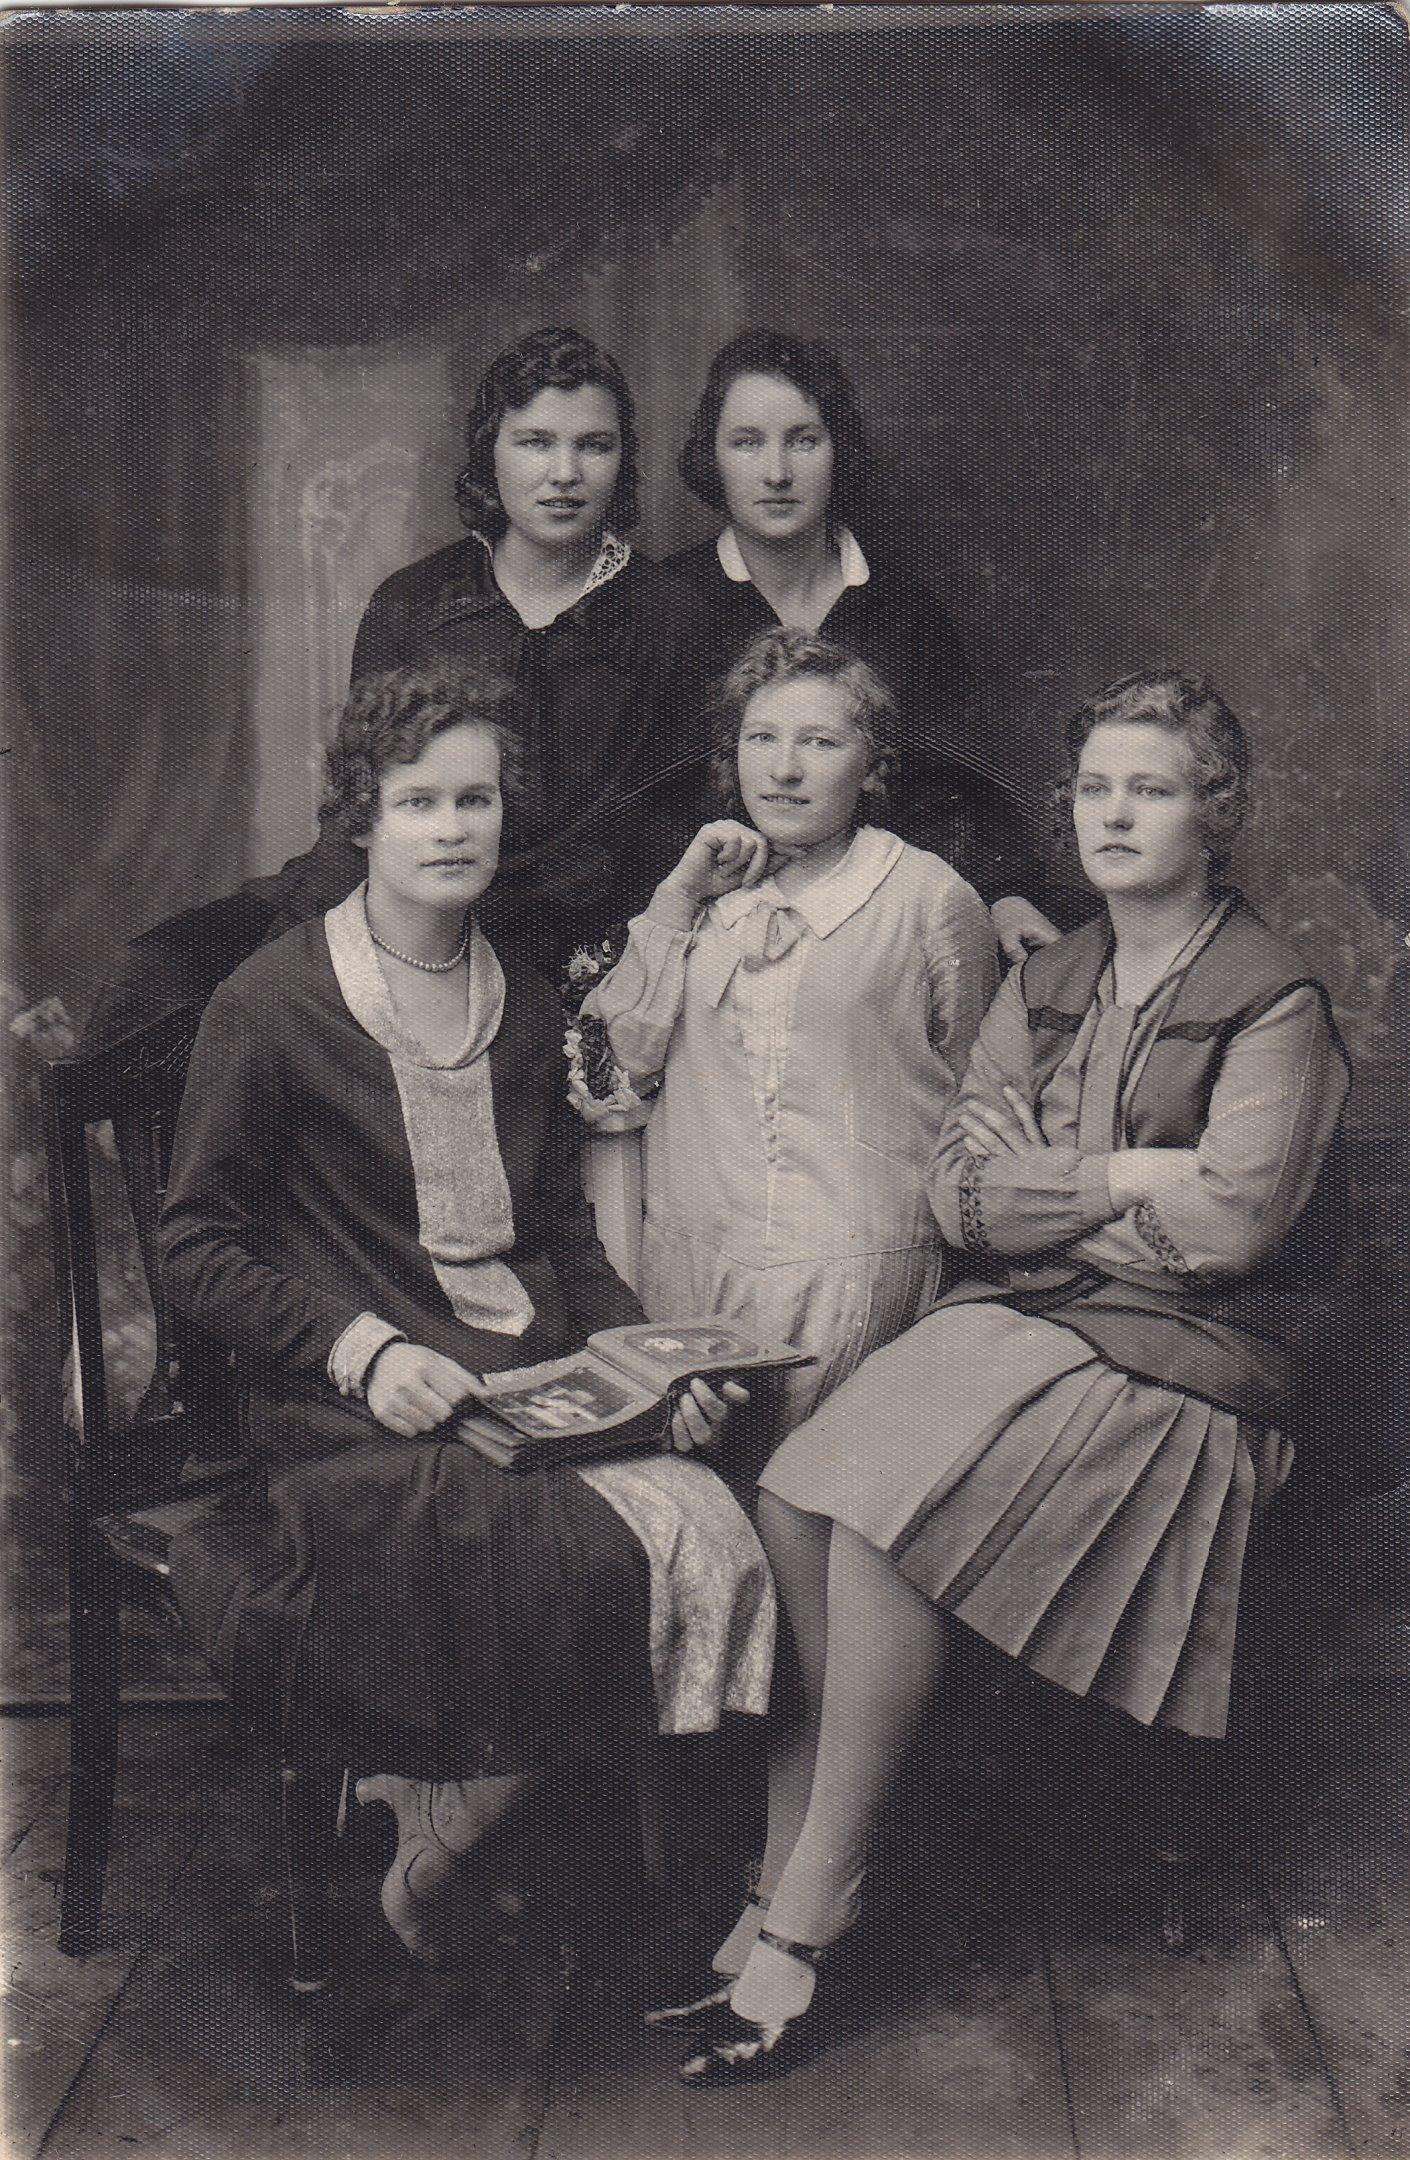 Profesoriaus, agronomo Petro Vasinausko sesuo Apolonija Vasinauskaitė (stovi viduryje) su draugėmis. 1930 m.